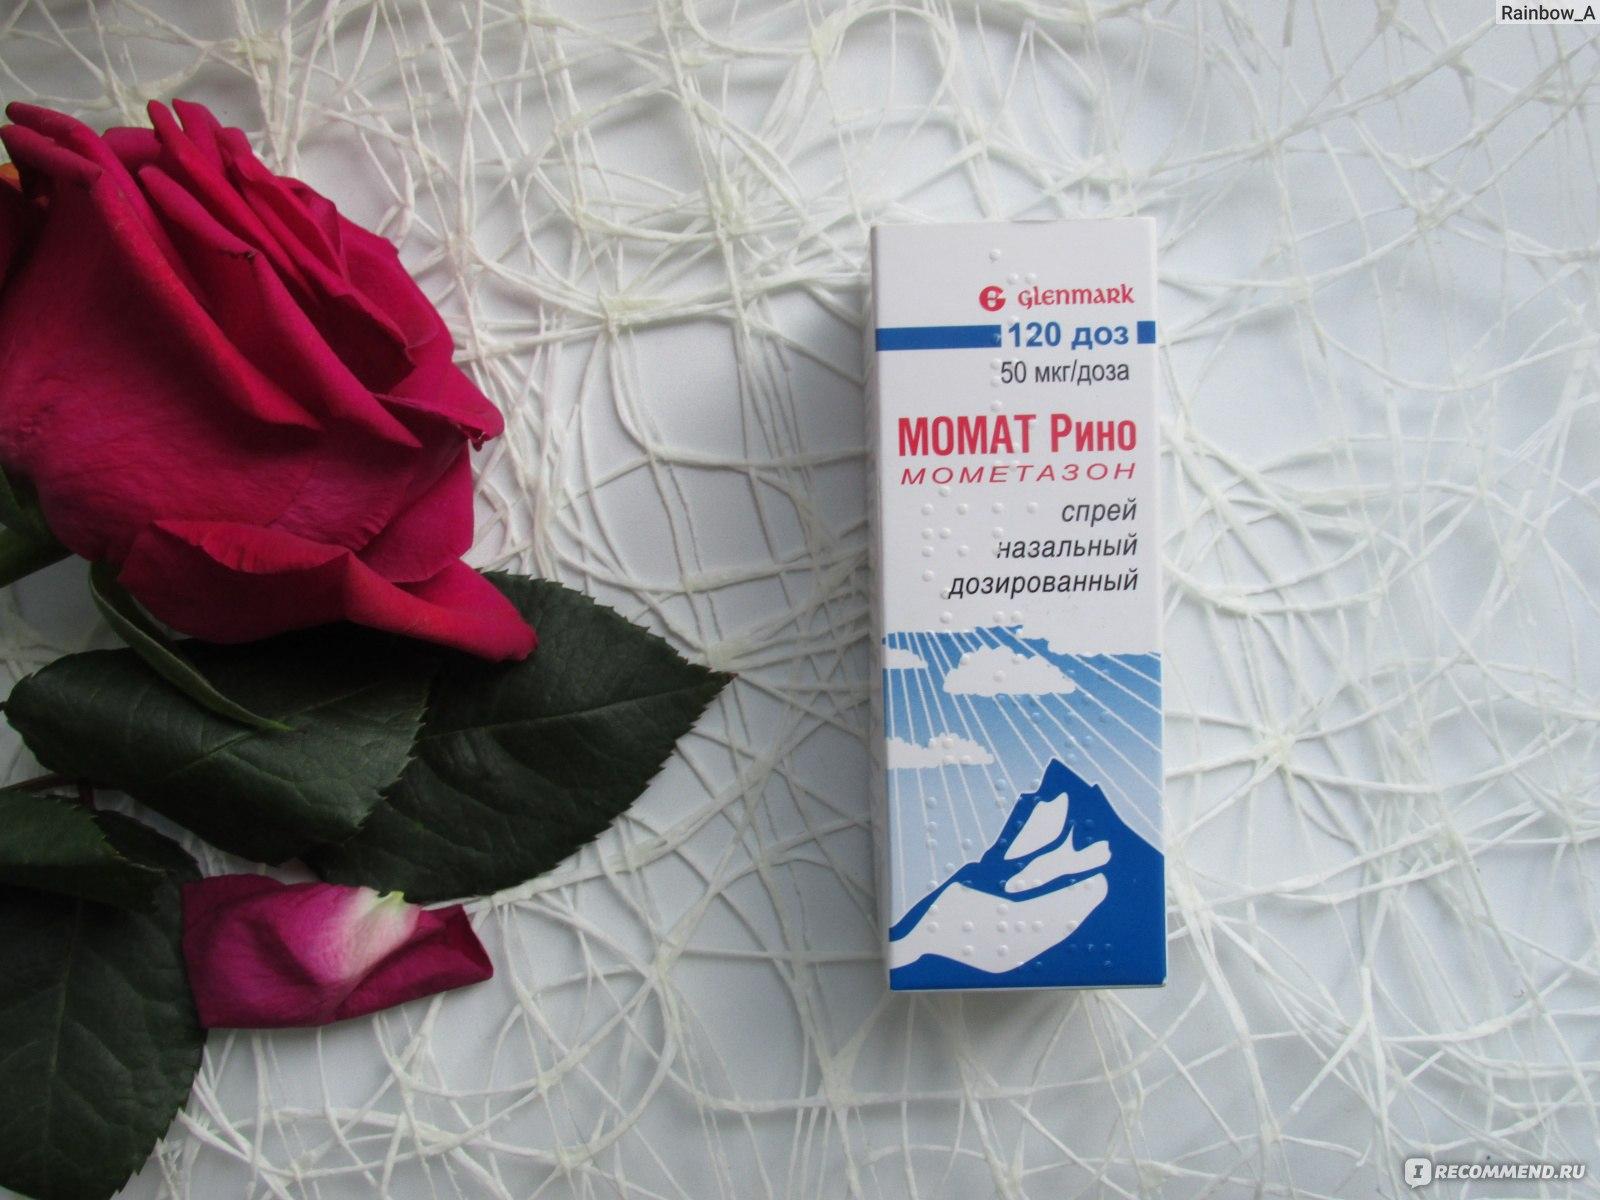 Момат рино (momat rino) спрей. инструкция по применению, цена, отзывы, аналоги